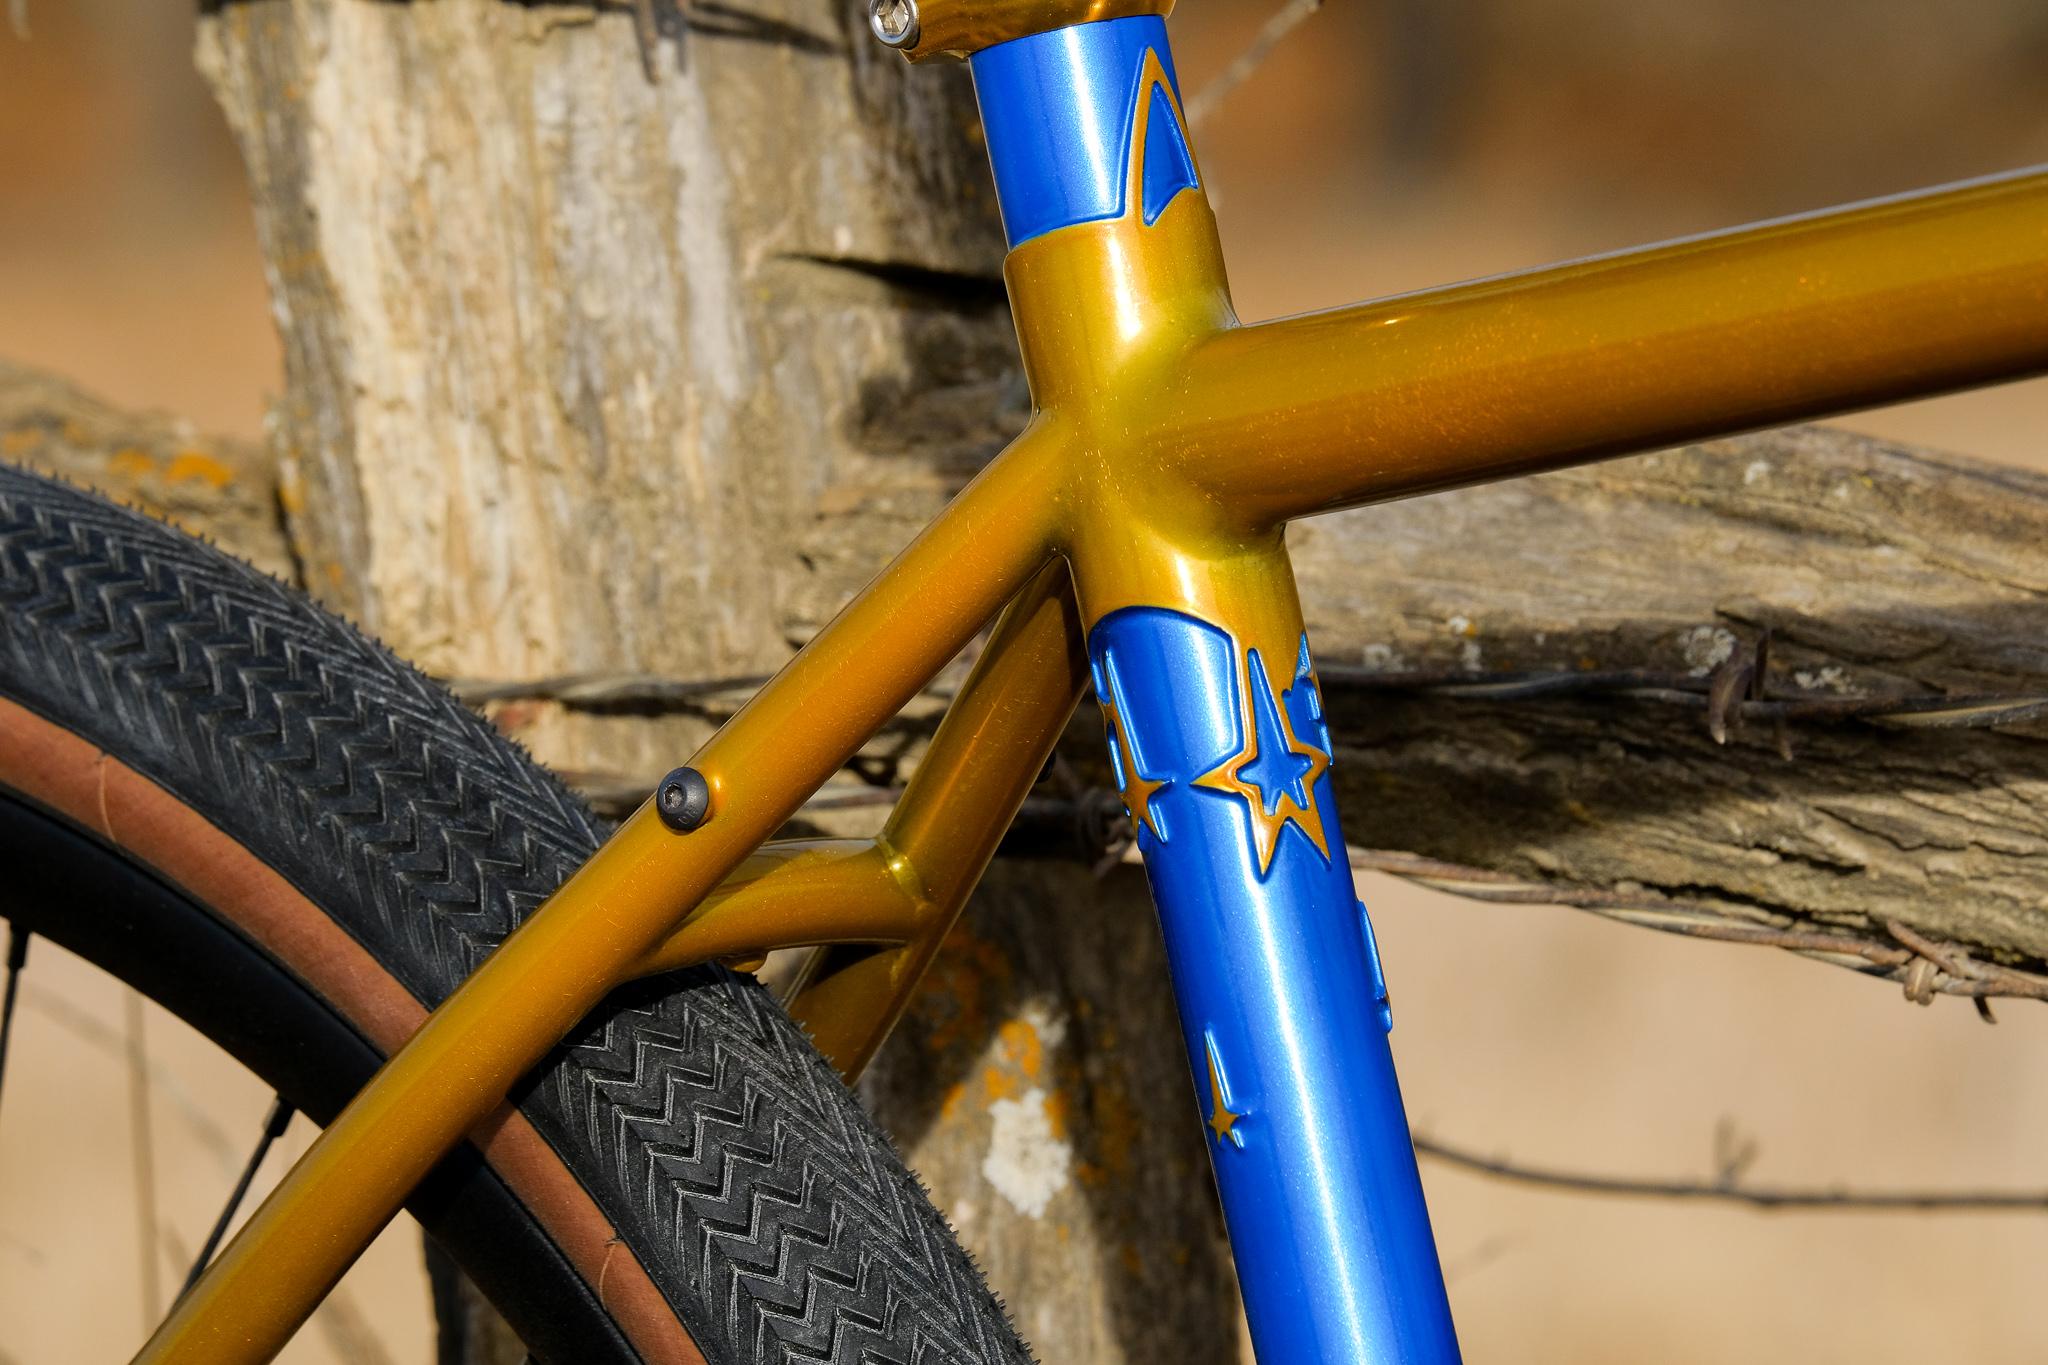 2018-02-18 Beth Morford Pedalino Bike Fuji Jpeg-118.jpg